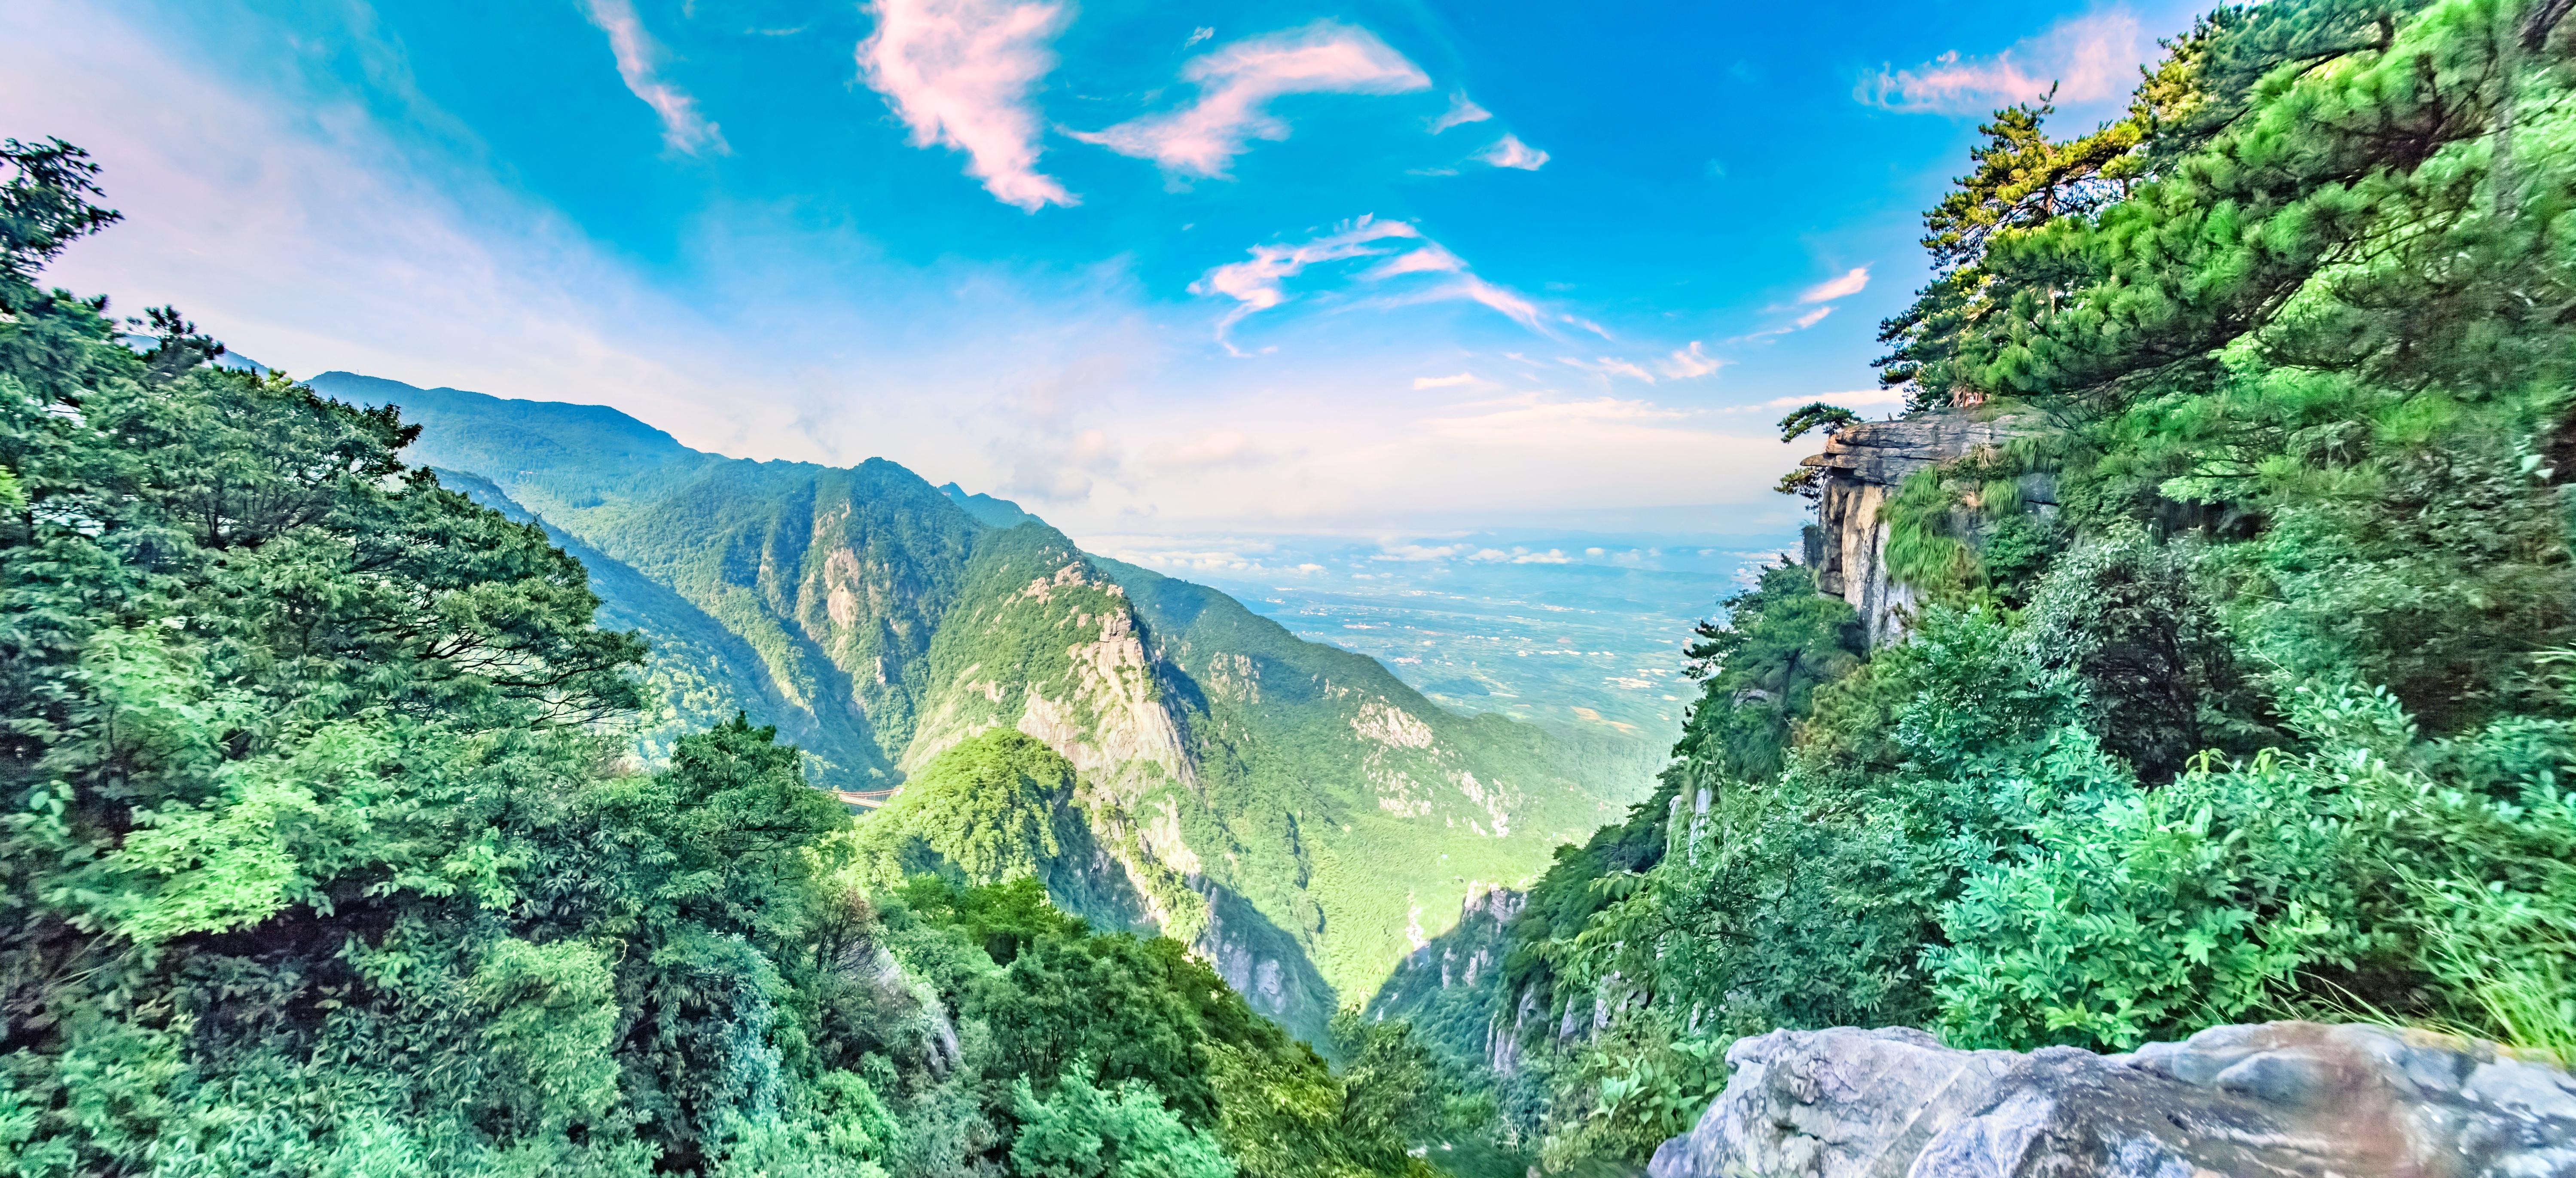 廬山風景名勝區+李白瀑布+三疊泉+五老峰+鄱陽湖一日遊